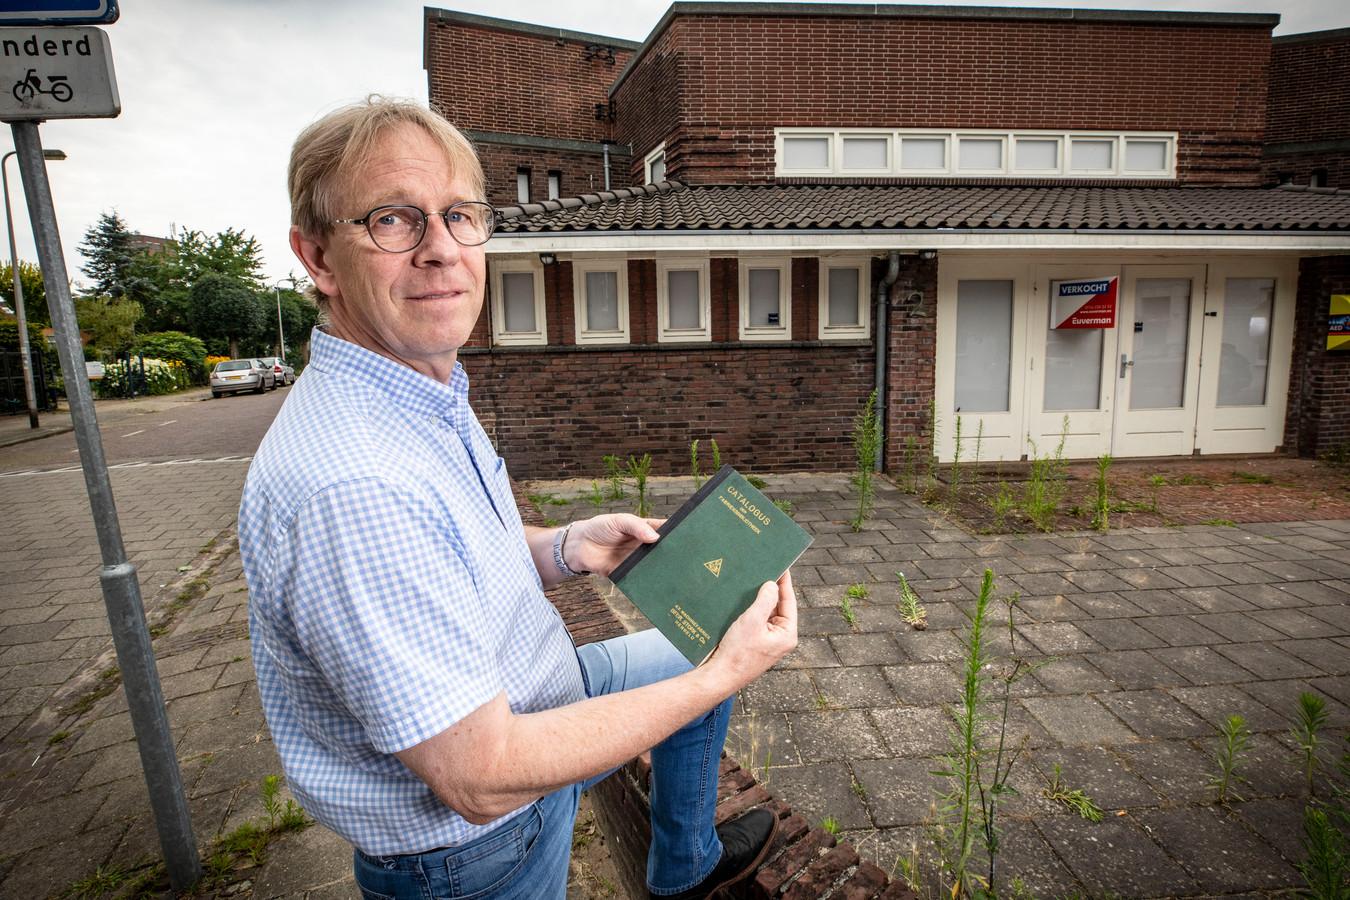 Gerard Löbker bij de oude bibliotheek aan de Vondelstraat. In zijn handen heeft hij een catalogus van die andere bibliotheek, de Stork-bibliotheek, uit 1934. 'Catalogus der fabrieksbibliotheek' staat erop. Met rechtsonder: 'N.V. Machinefabriek Stork & Co.'